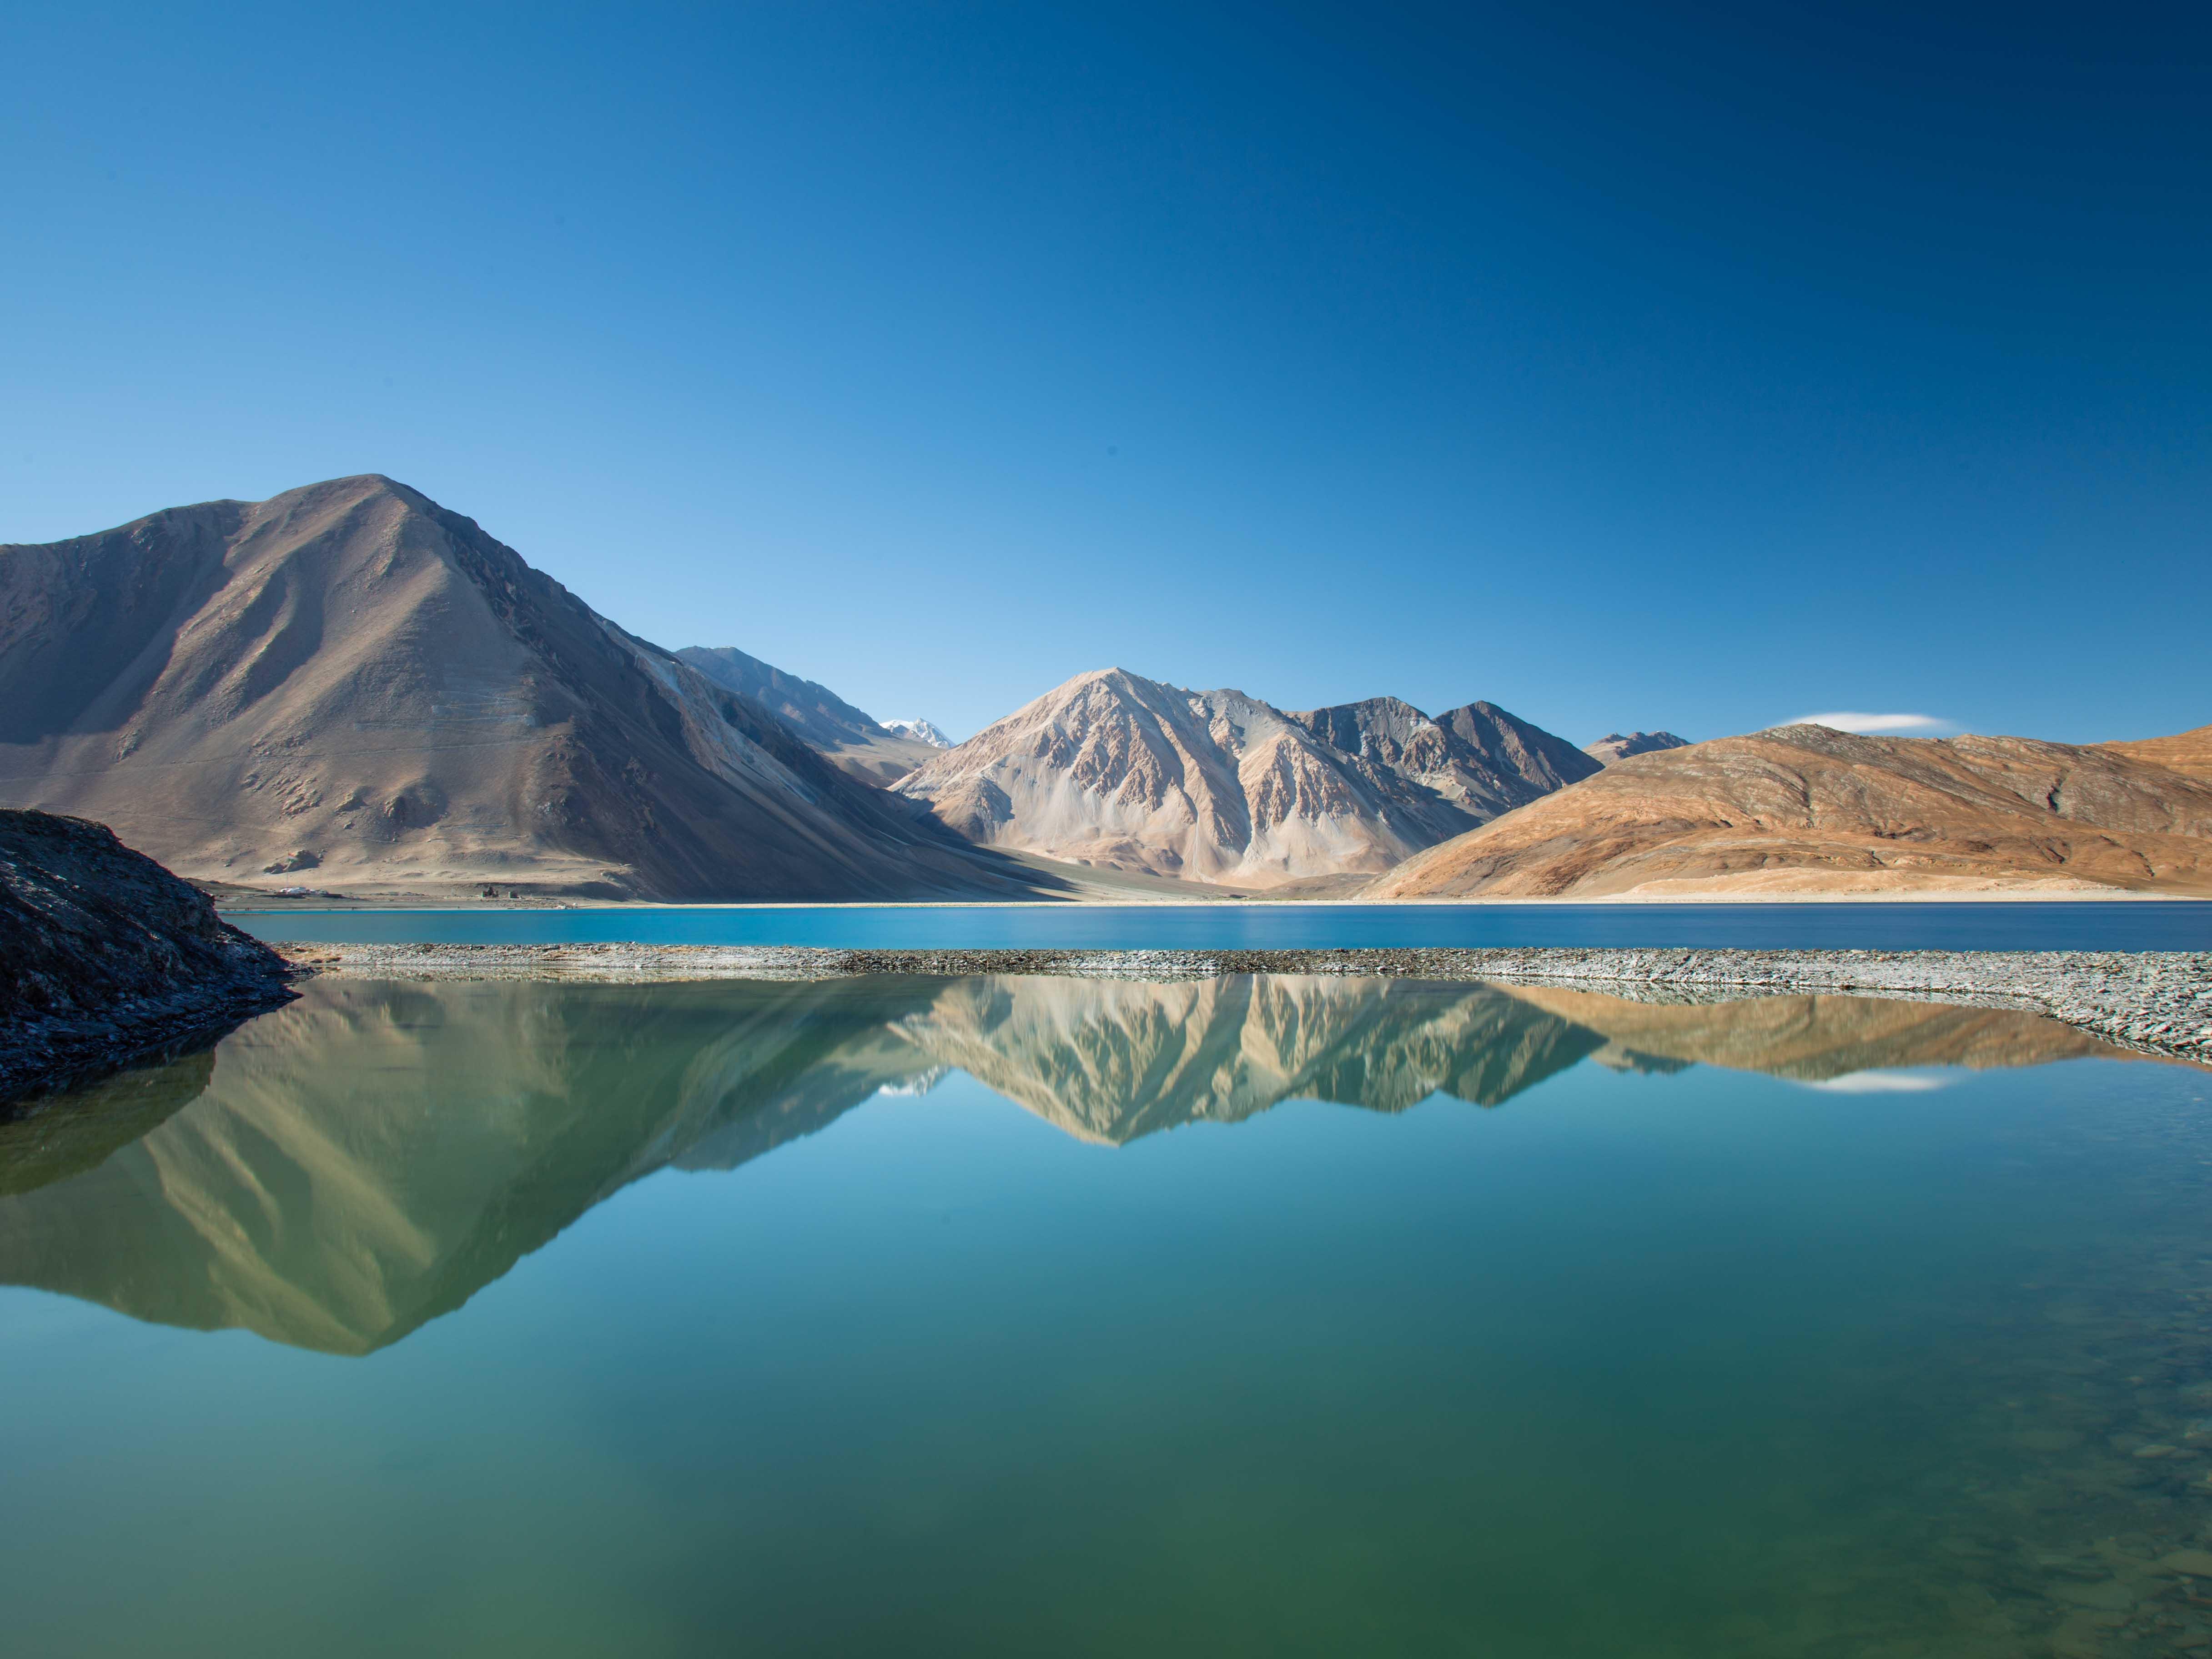 Des dunes de sable de la vallée de la Nubra, aux eaux turquoise du lac de Pangong